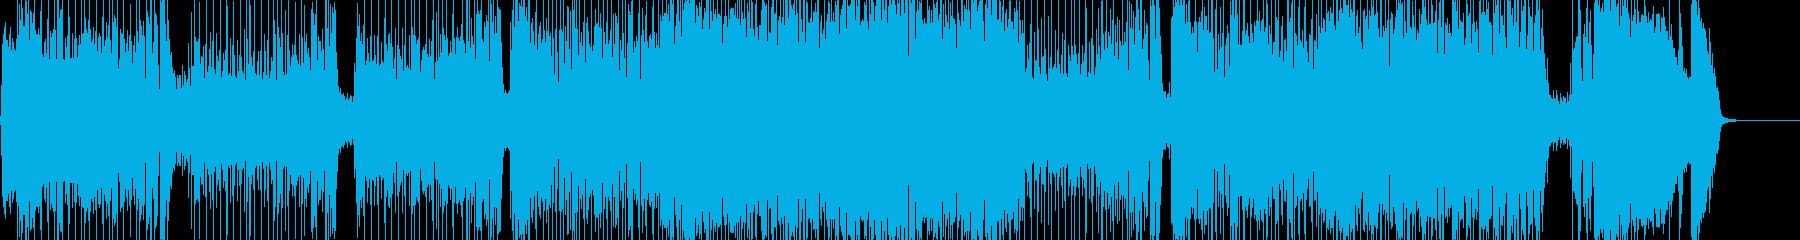 ❶Gt生演奏♫最高ロカビリー・スウィングの再生済みの波形